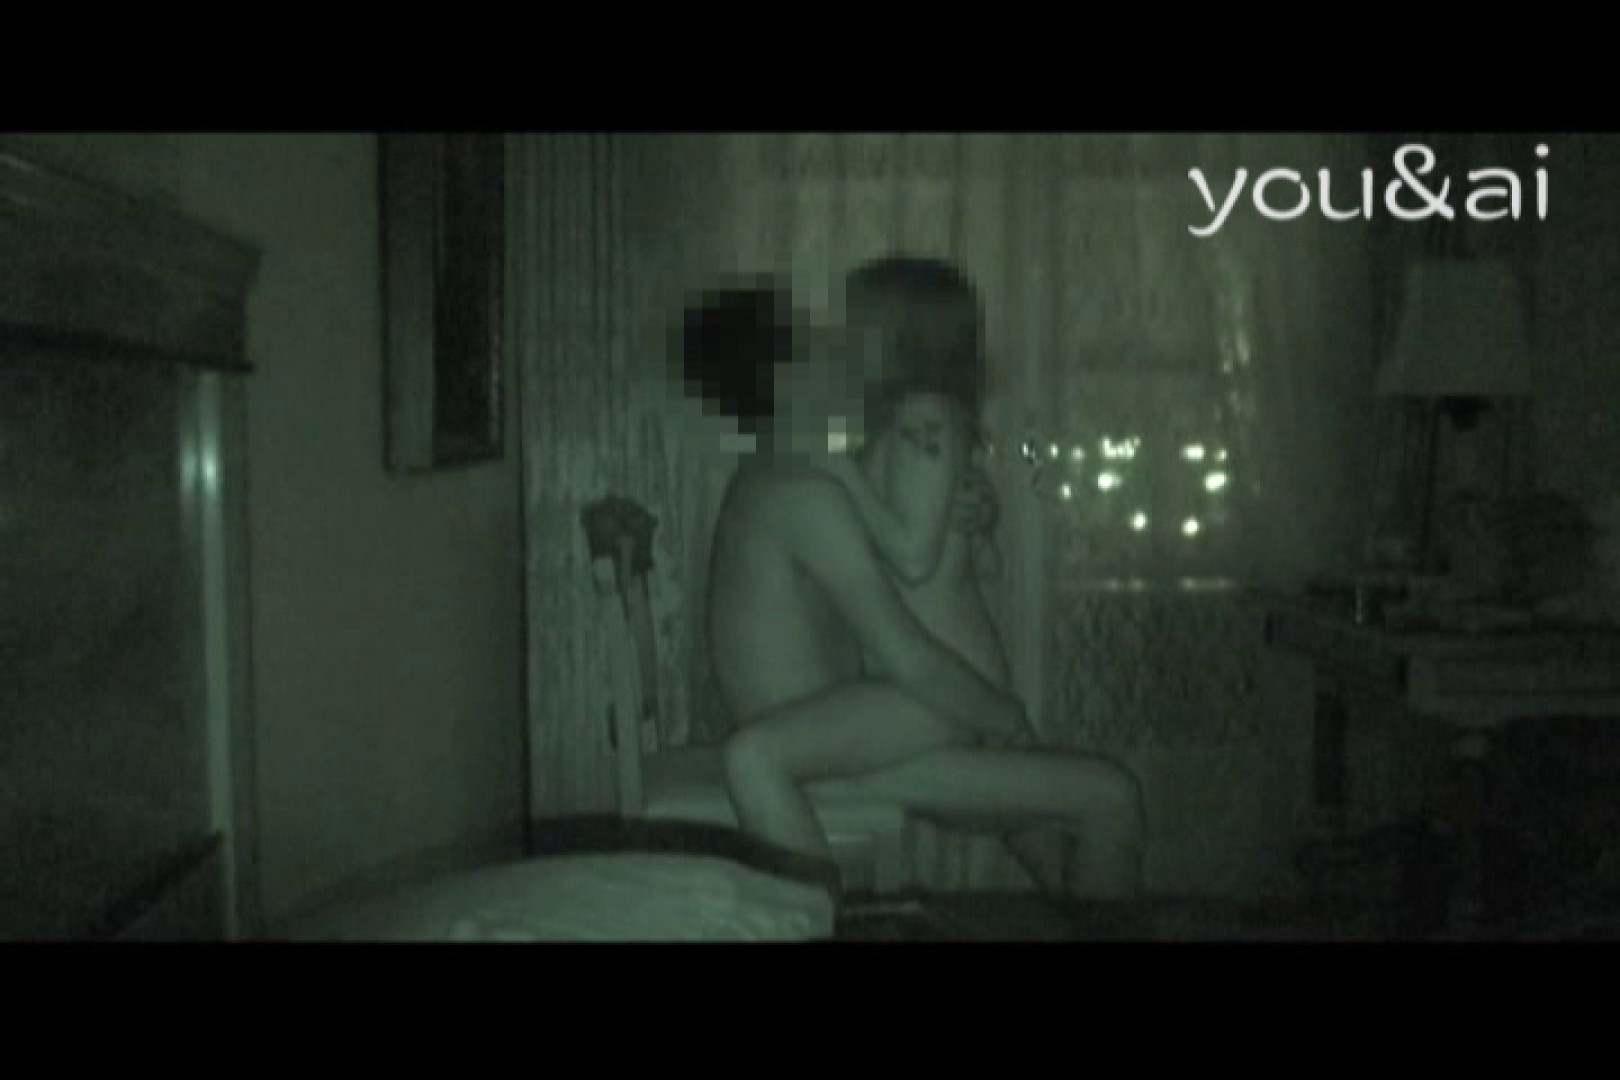 おしどり夫婦のyou&aiさん投稿作品vol.10 投稿 おまんこ無修正動画無料 110pic 15